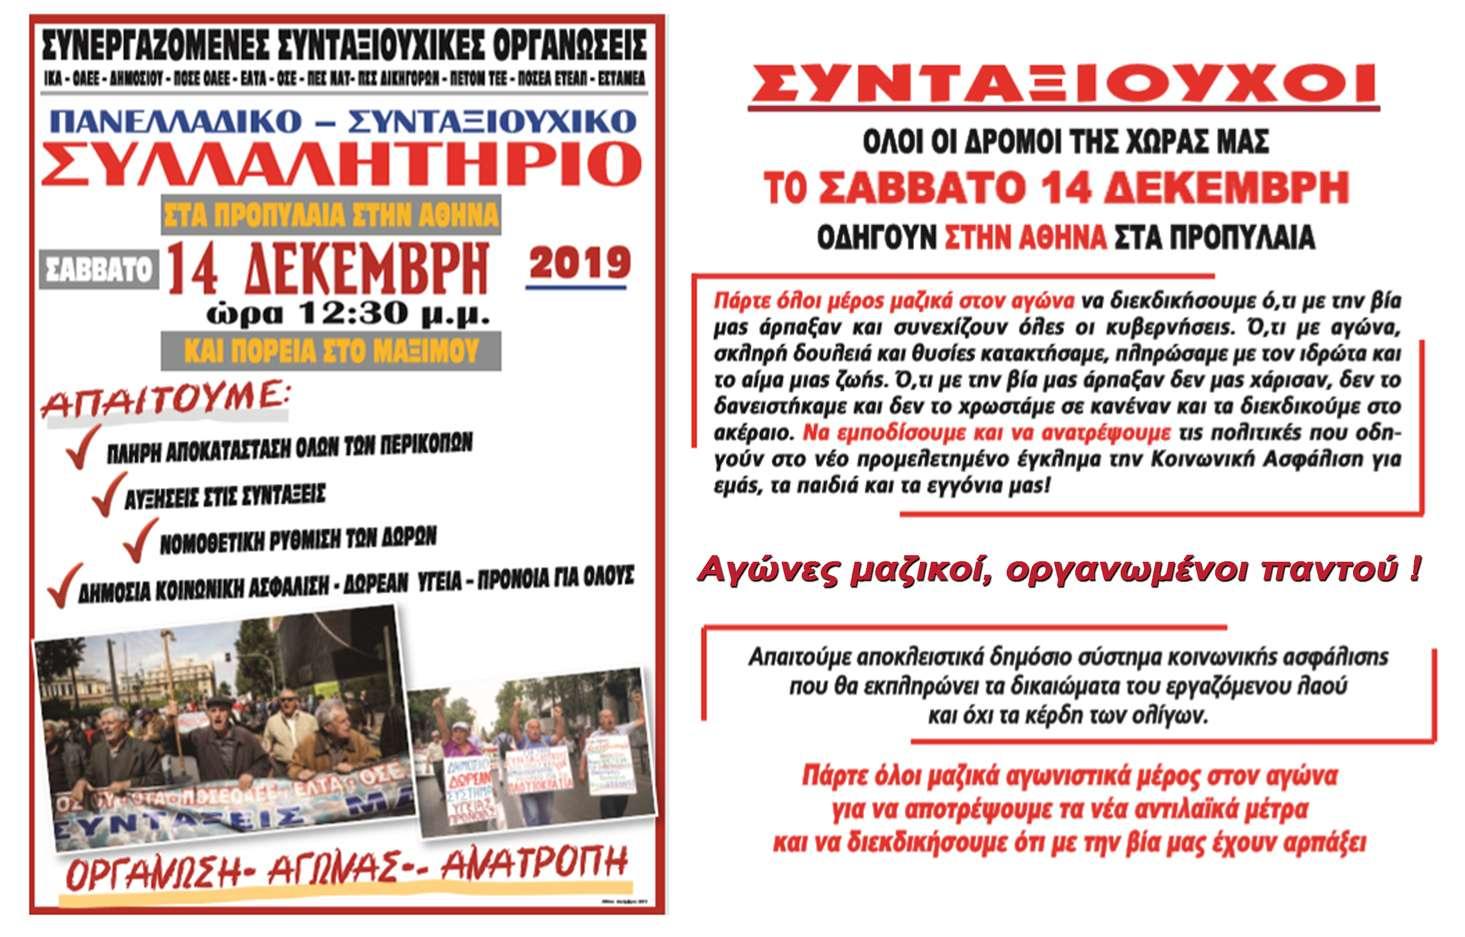 Συνταξιούχοι! Σάββατο 14 Δεκέμβρη 12.30μμ Όλοι οι δρόμοι οδηγούν στην Αθήνα στα Προπύλαια